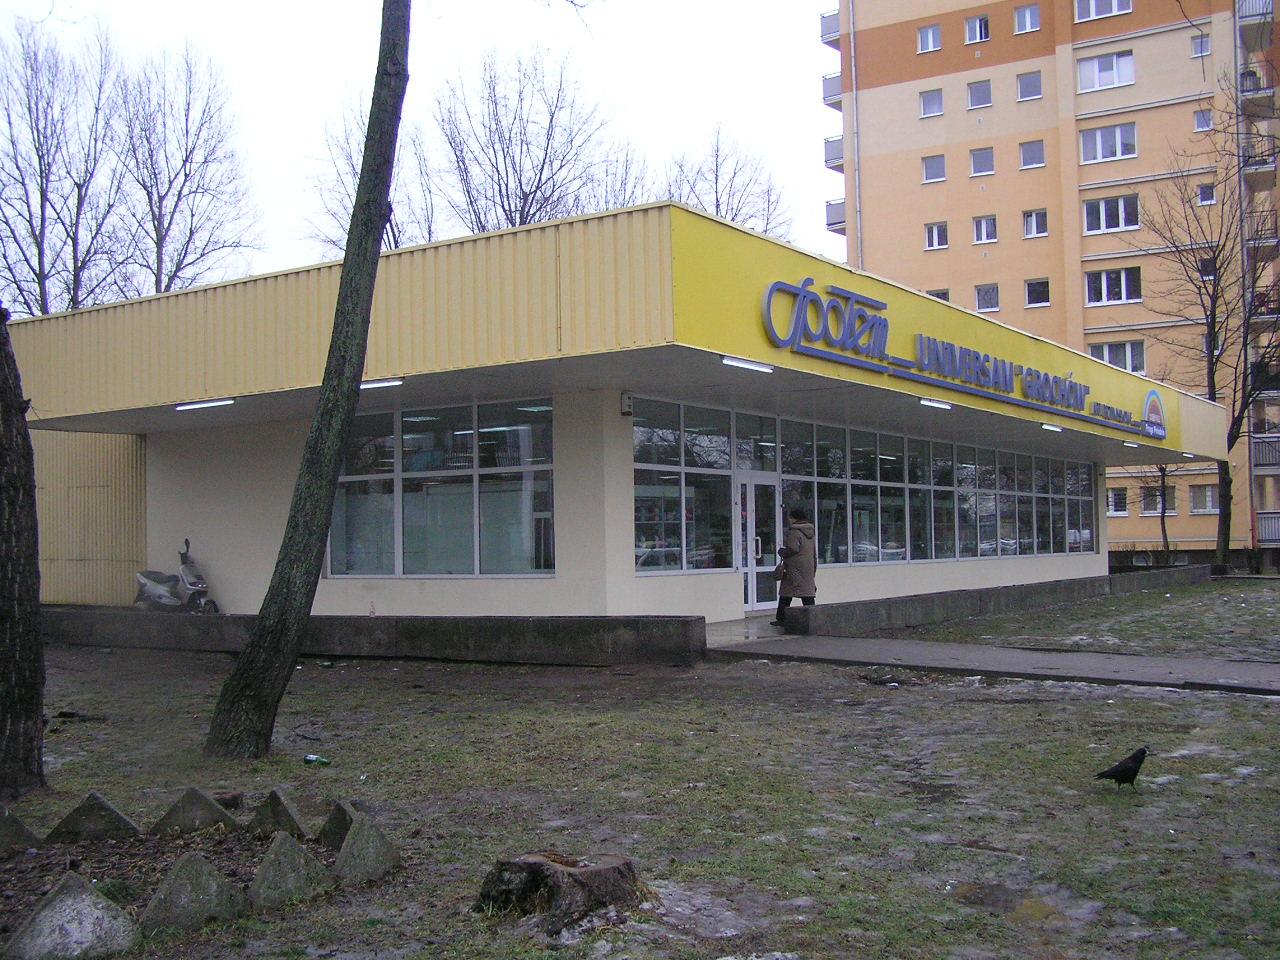 Pawilon przy ulicy Suchodolskiej 2 na Grochowie